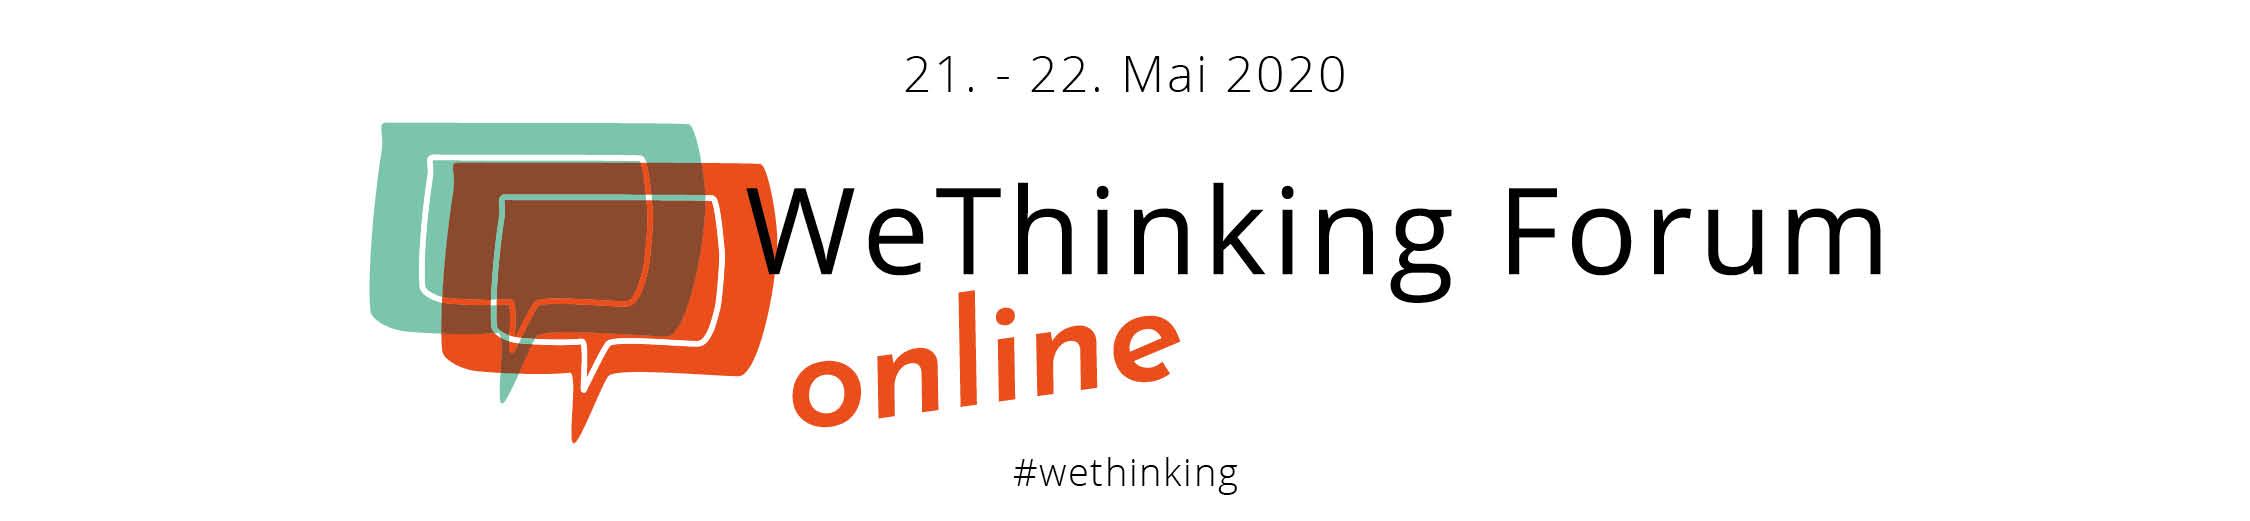 wethinking_online_banner_1080x250